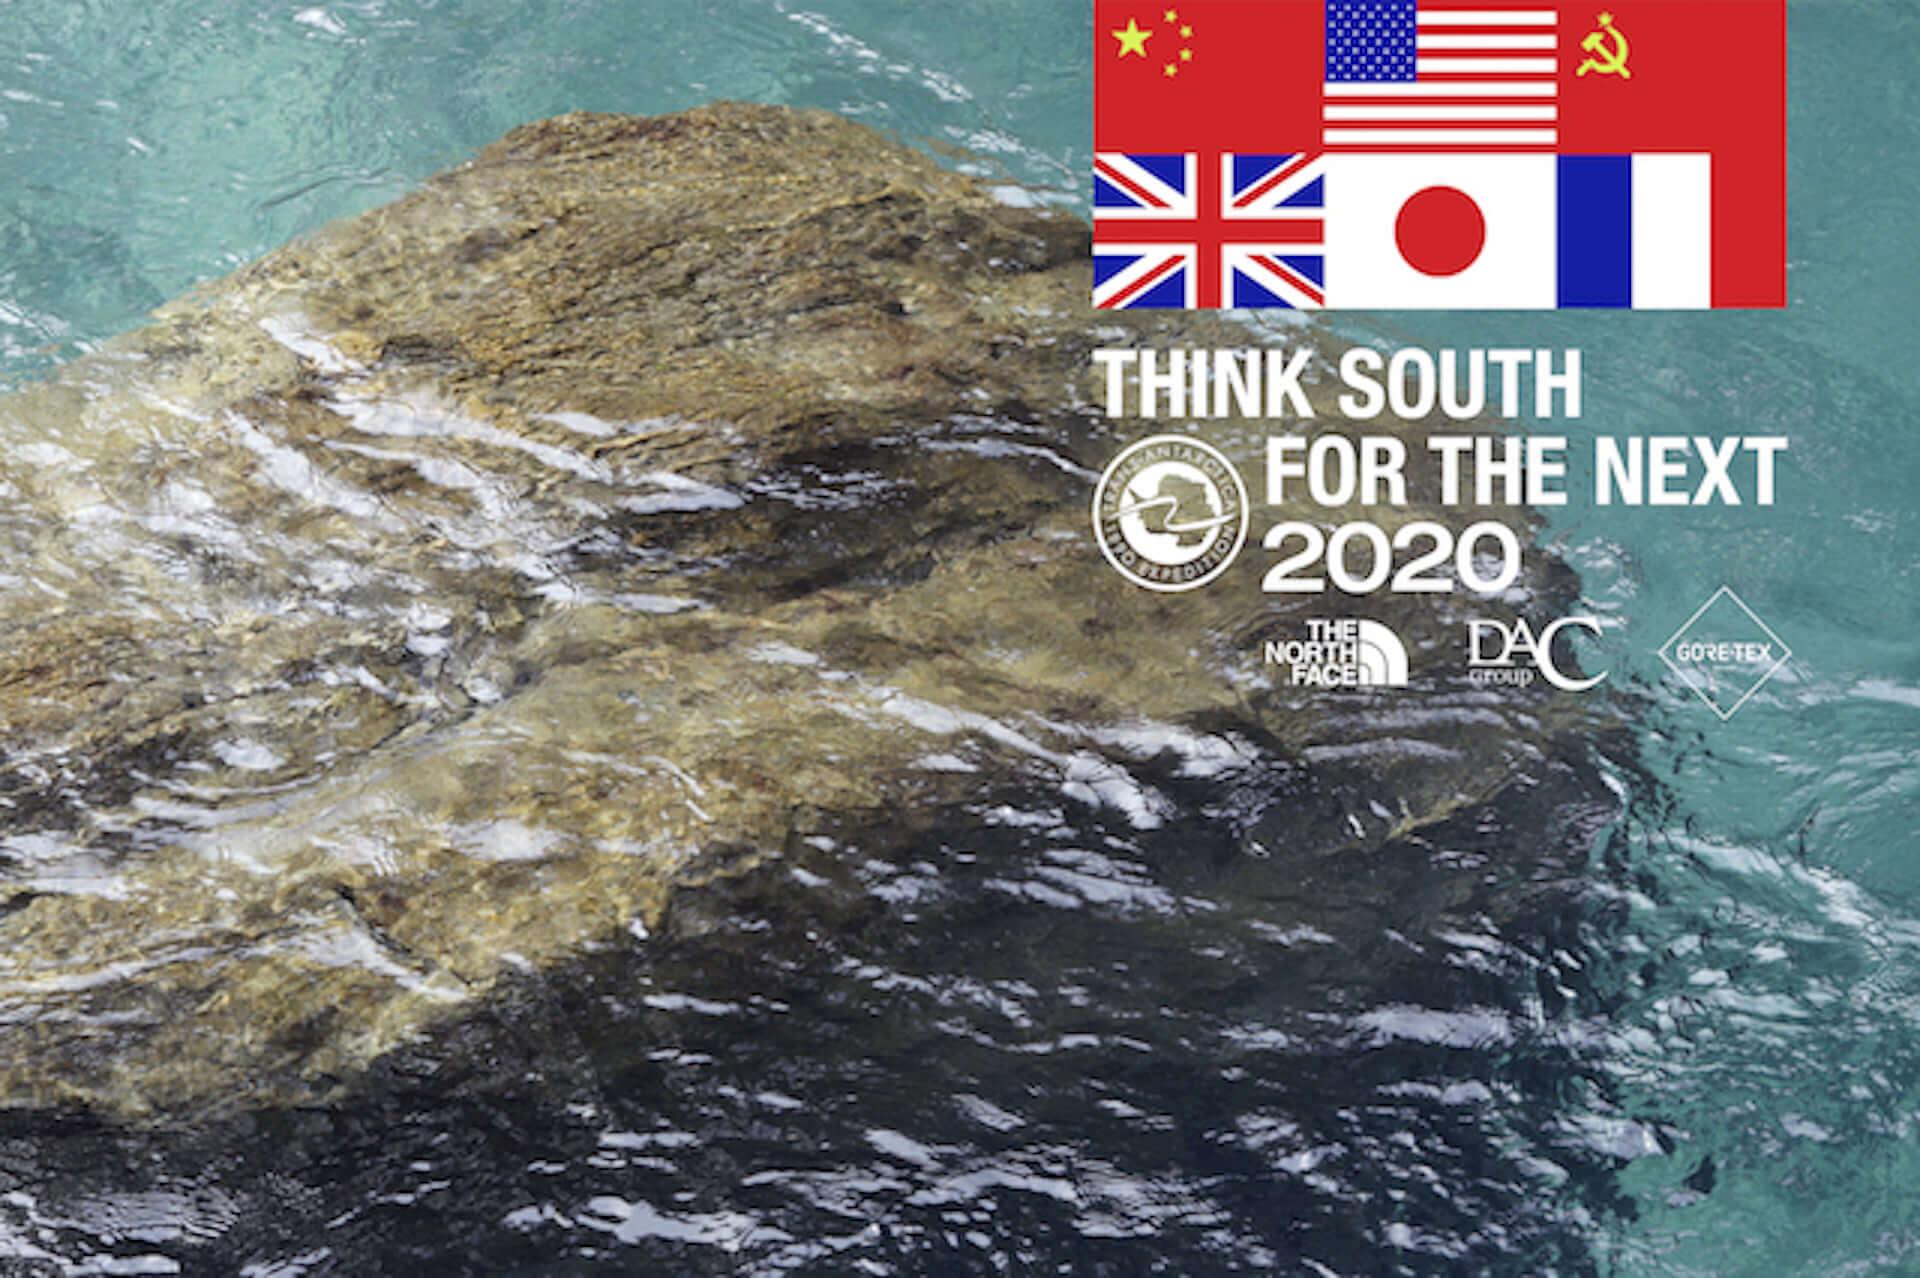 原 摩利彦が音楽を担当したプロジェクト「THINK SOUTH FOR THE NEXT 2020」の特別映像が公開!本人コメントも到着 music201131_haramarihiko_1-1920x1278